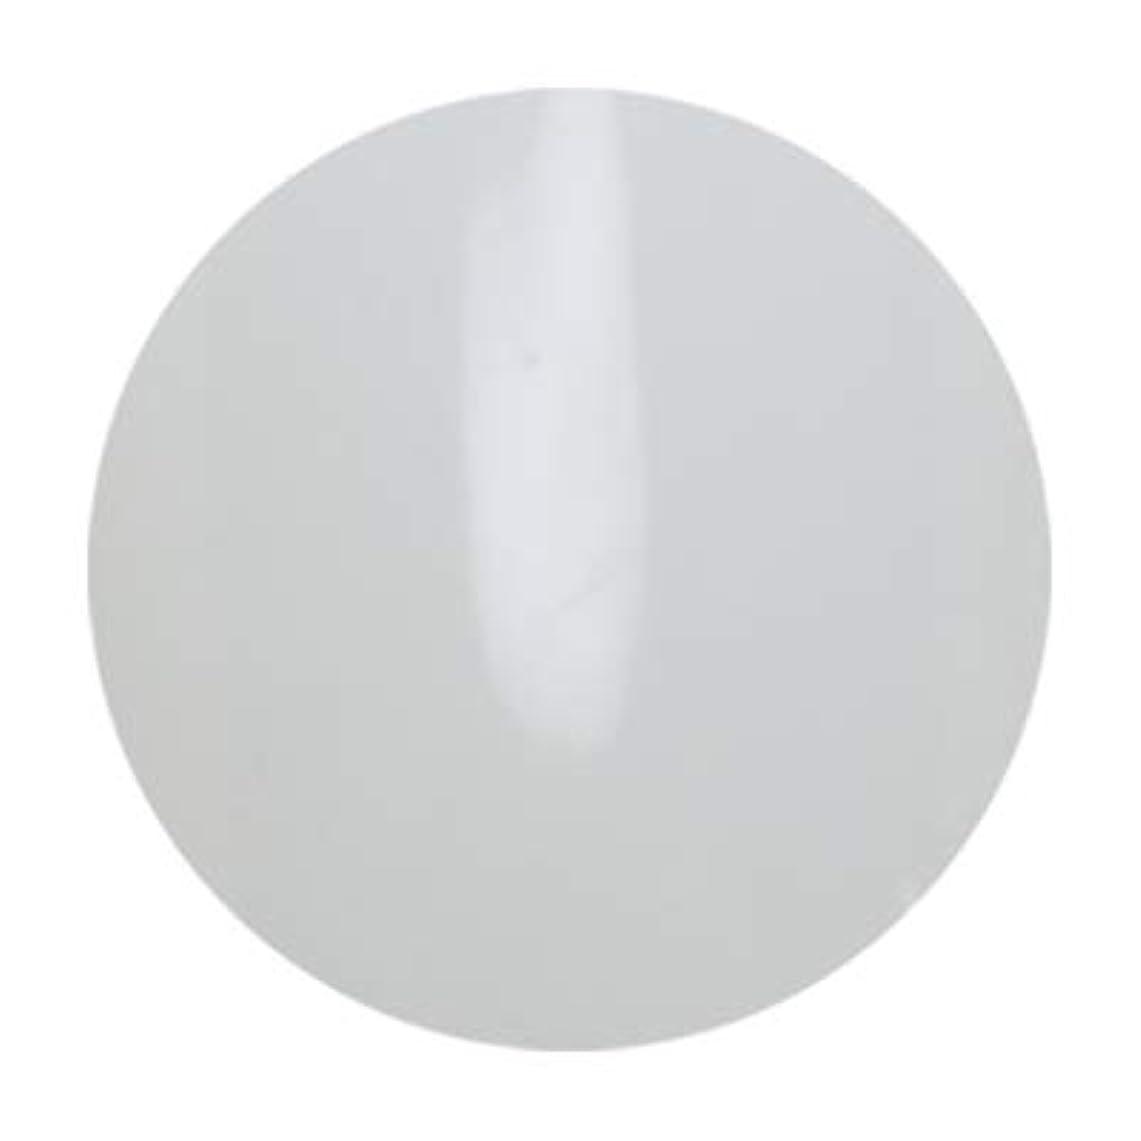 本部リング勃起アンジェル ビルダーカラージェル ALB01 エベレスト 3g